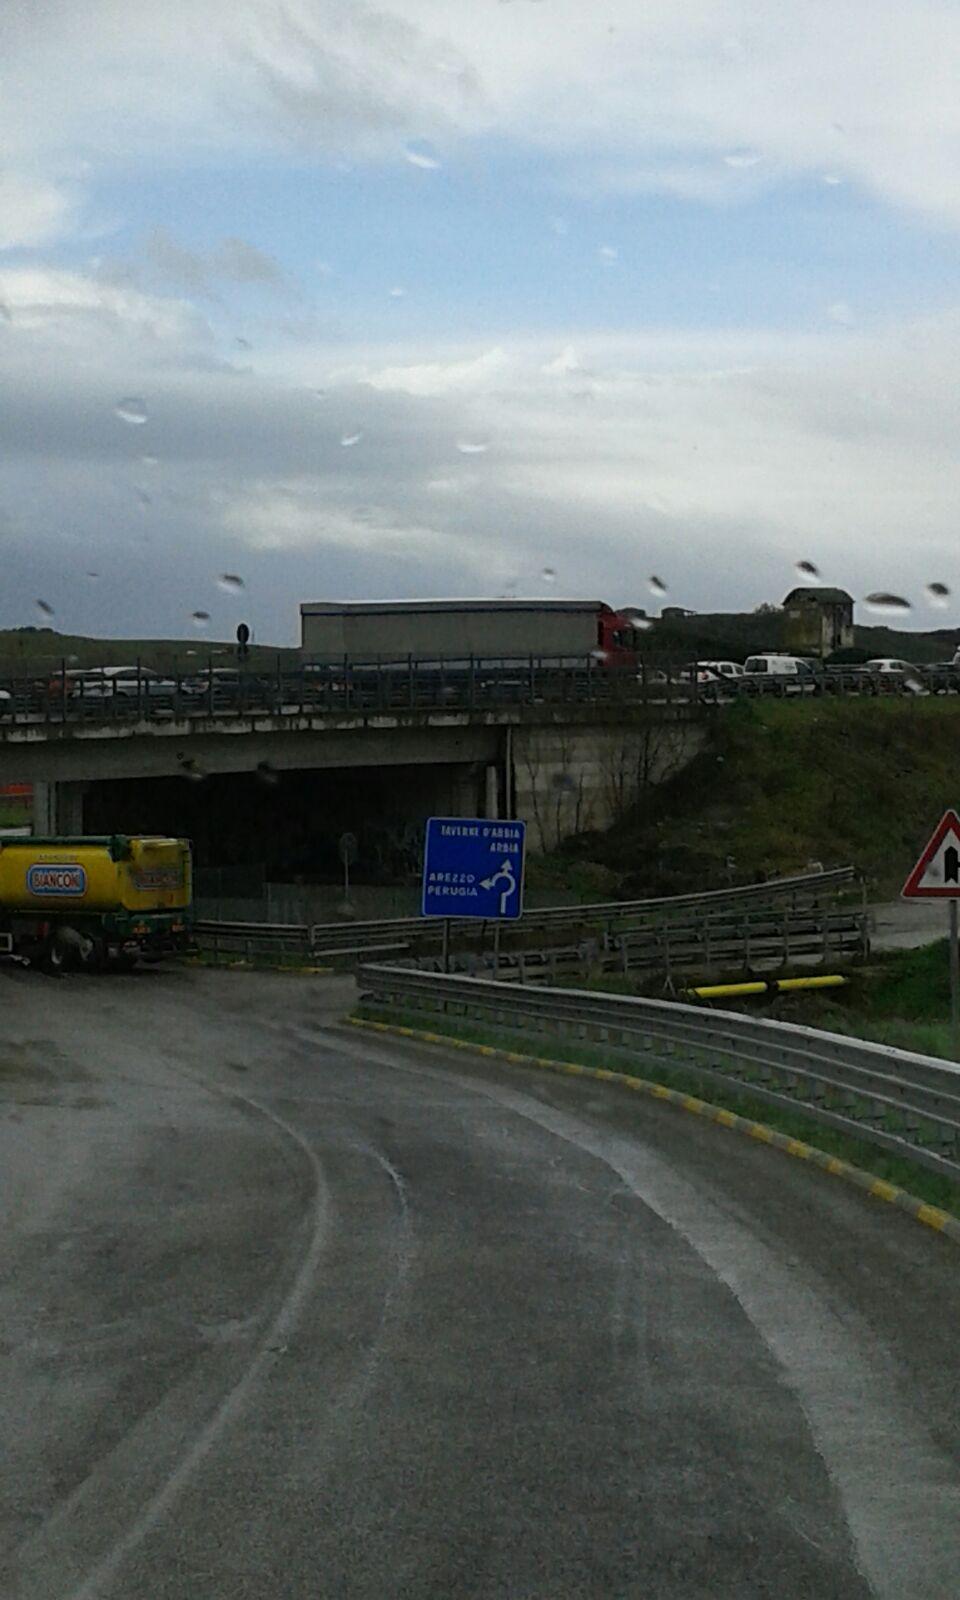 Caos traffico, in fila da Castelnuovo a Siena